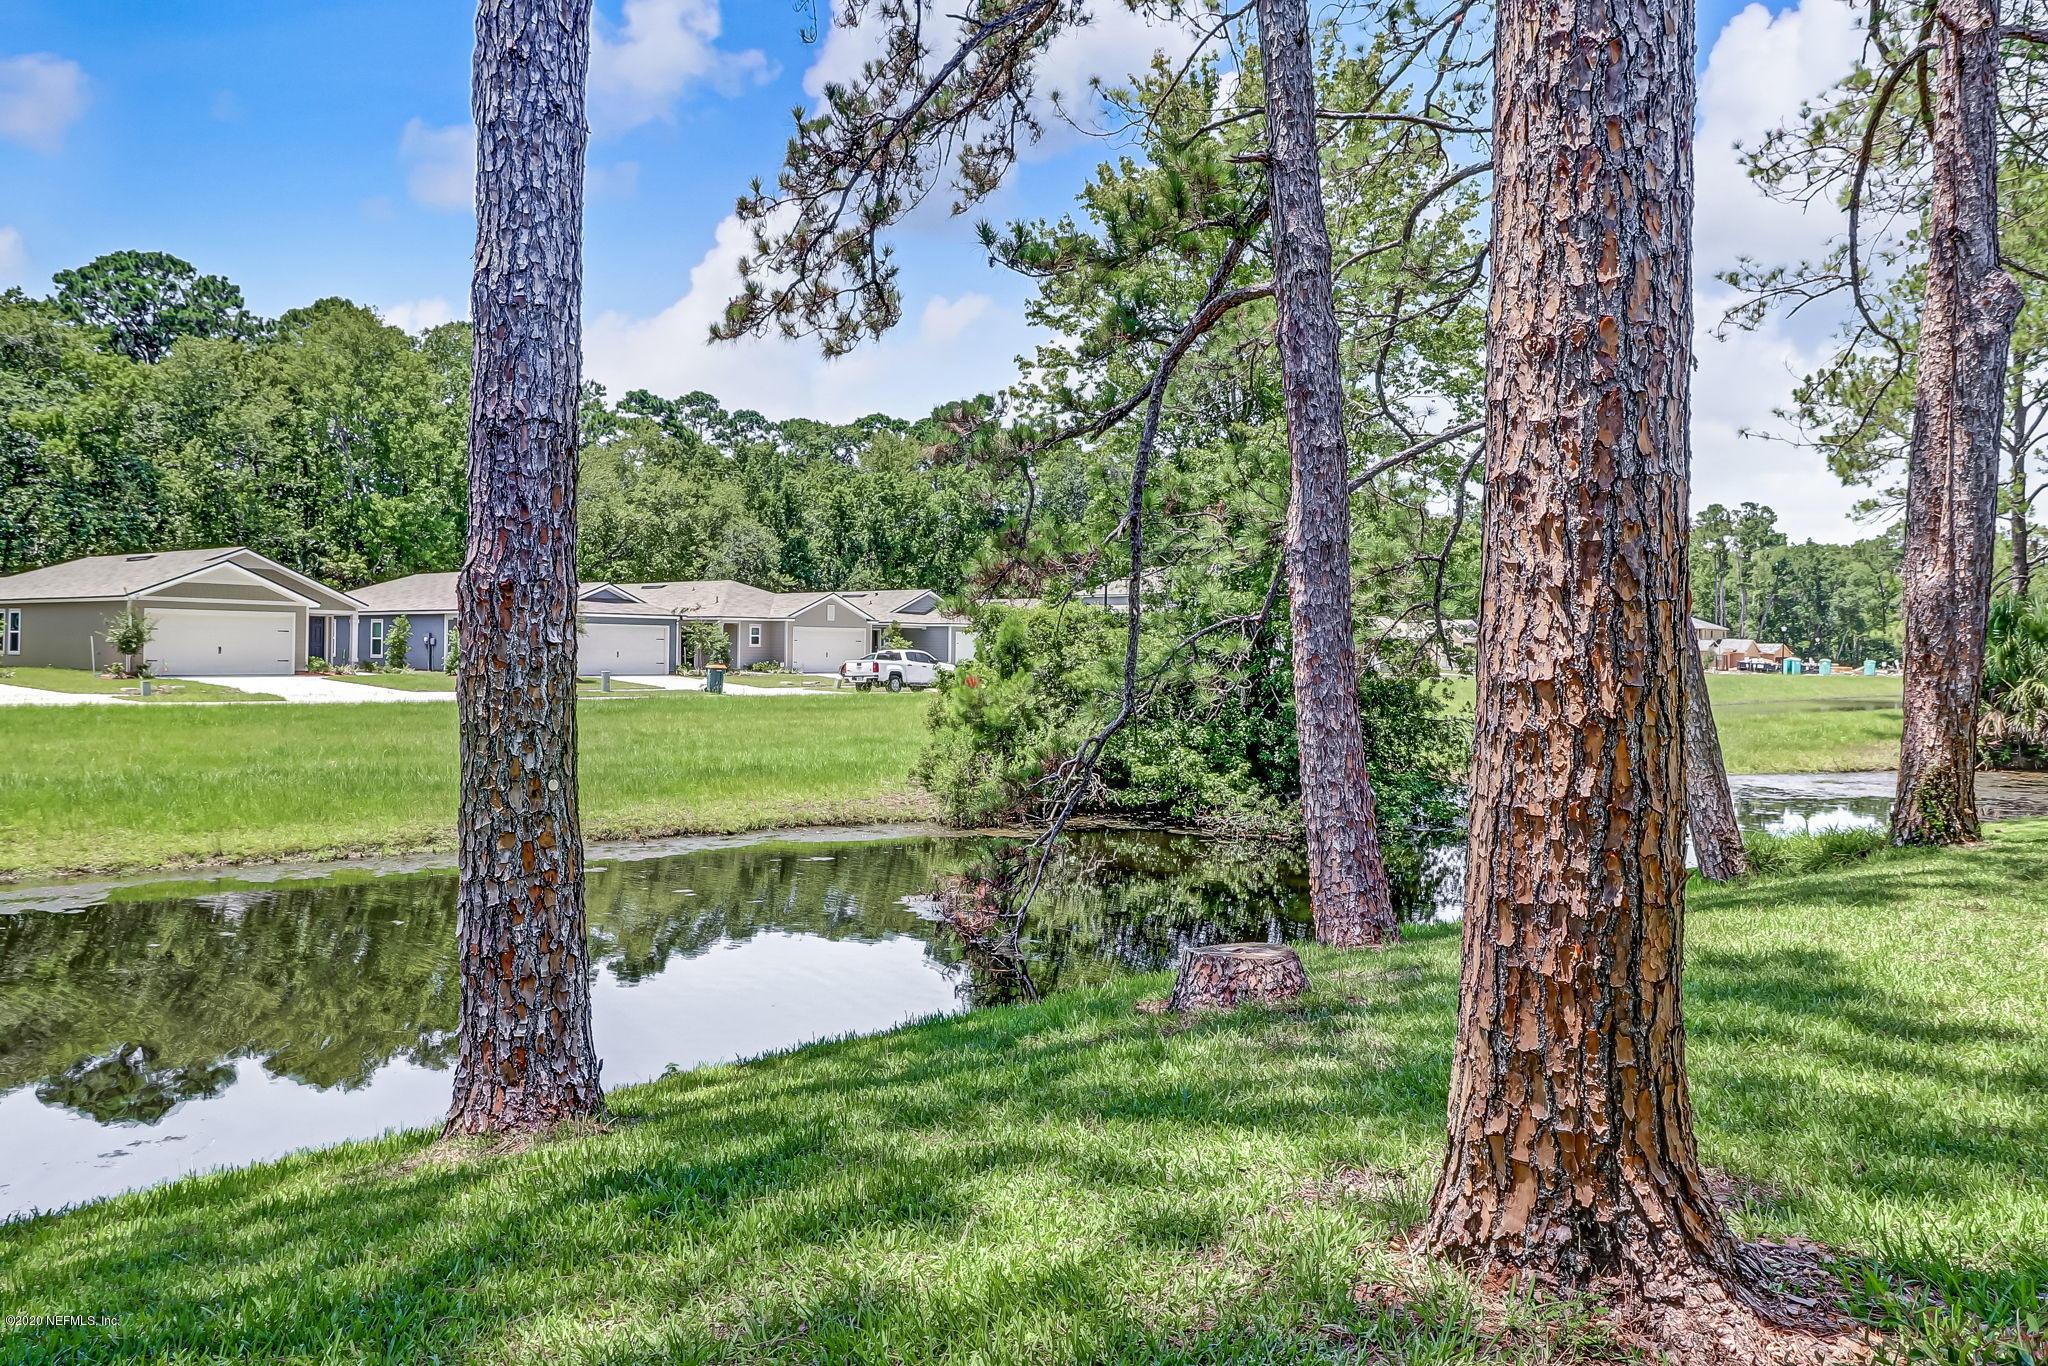 7812 LAS CANAS, JACKSONVILLE, FLORIDA 32256, 2 Bedrooms Bedrooms, ,2 BathroomsBathrooms,Residential,For sale,LAS CANAS,1059845